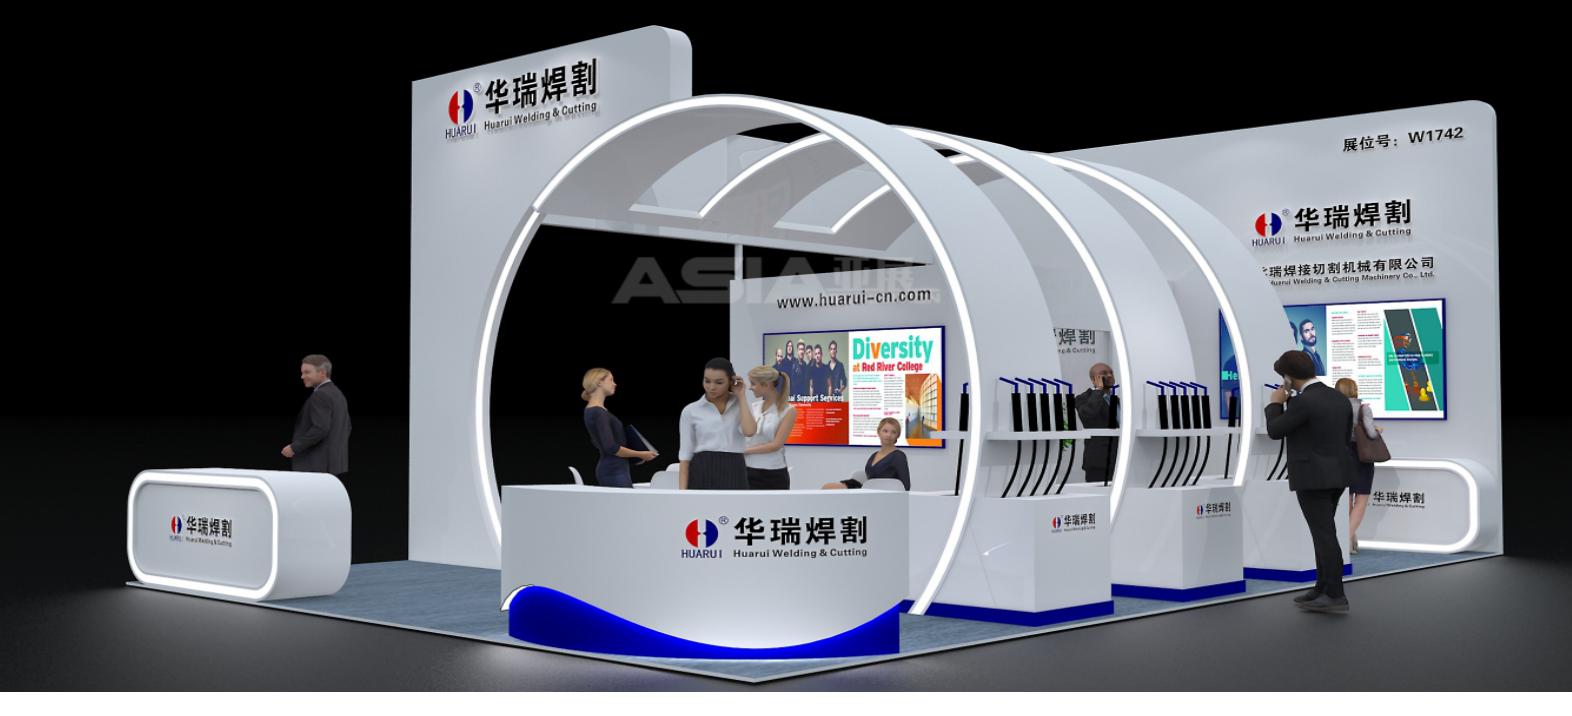 华瑞焊割诚邀您参加第二十五届中国埃森焊接及切割展览会BEW